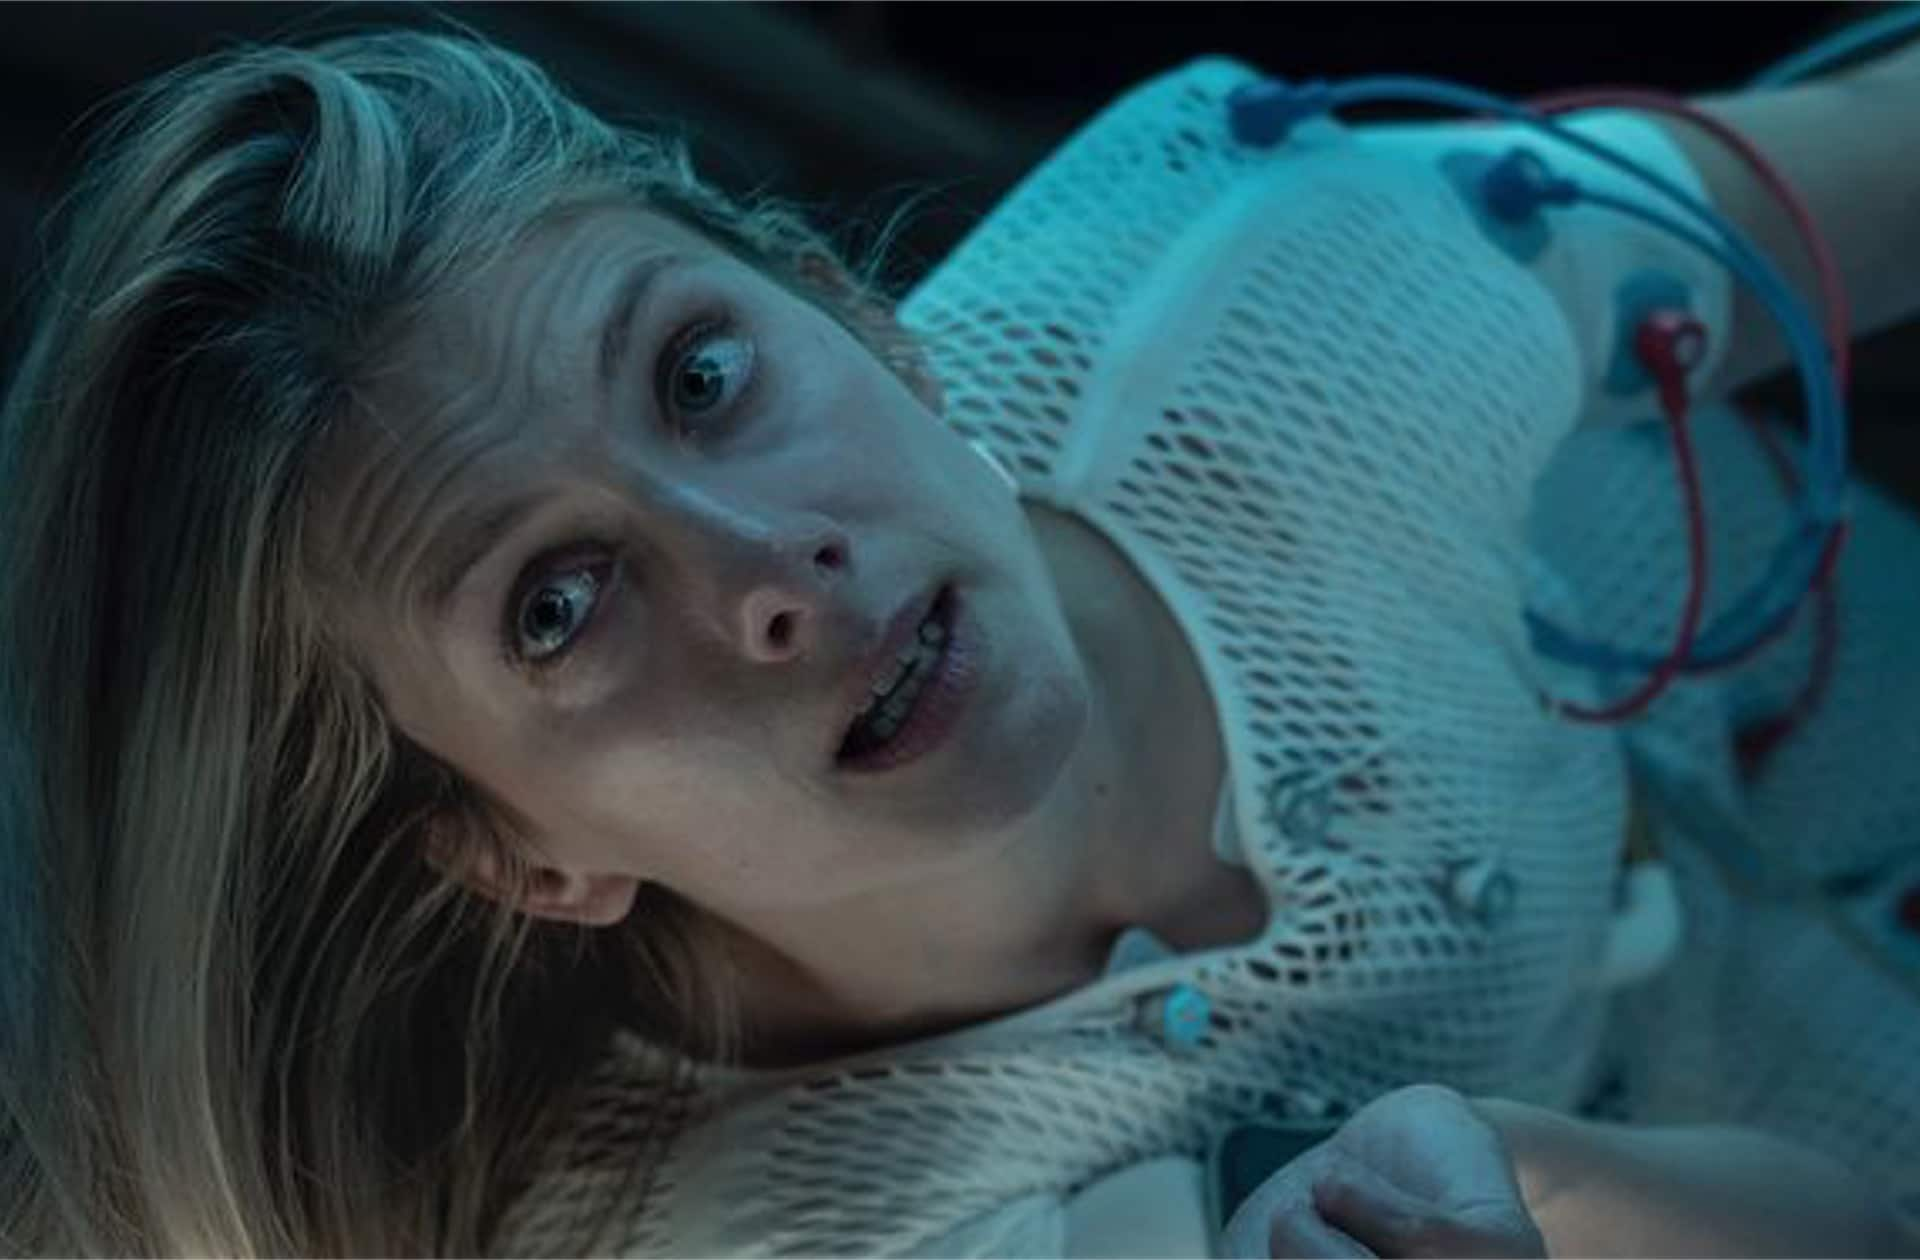 Mélanie Laurent va jouer pour la première fois dans un film d'horreur, et pas n'importe lequel